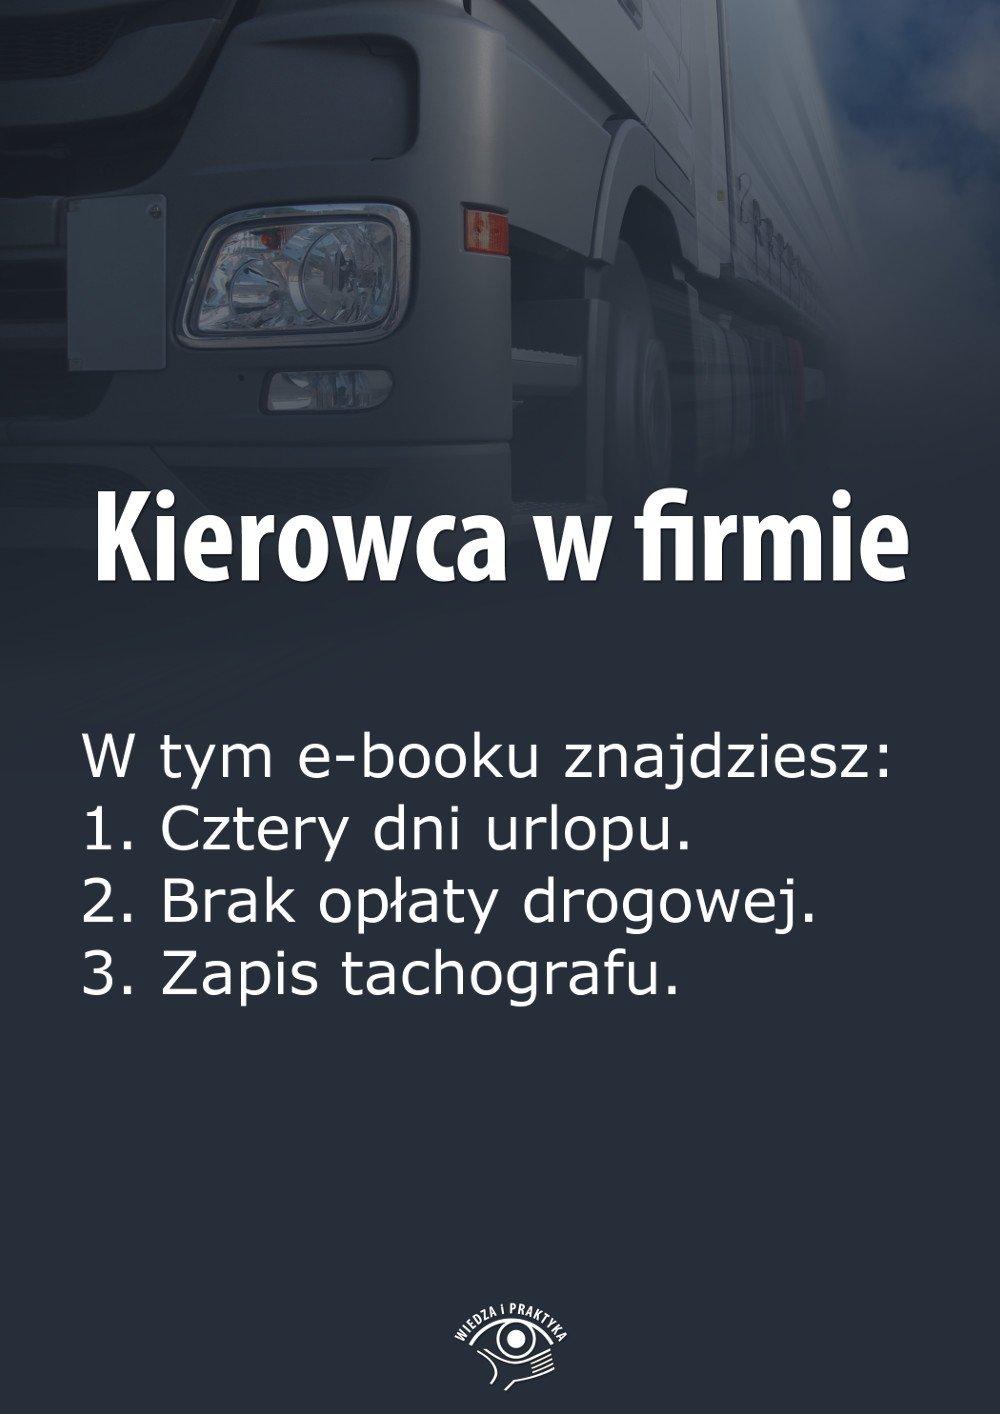 Kierowca w firmie. Wydanie kwiecień 2014 r. - Ebook (Książka EPUB) do pobrania w formacie EPUB